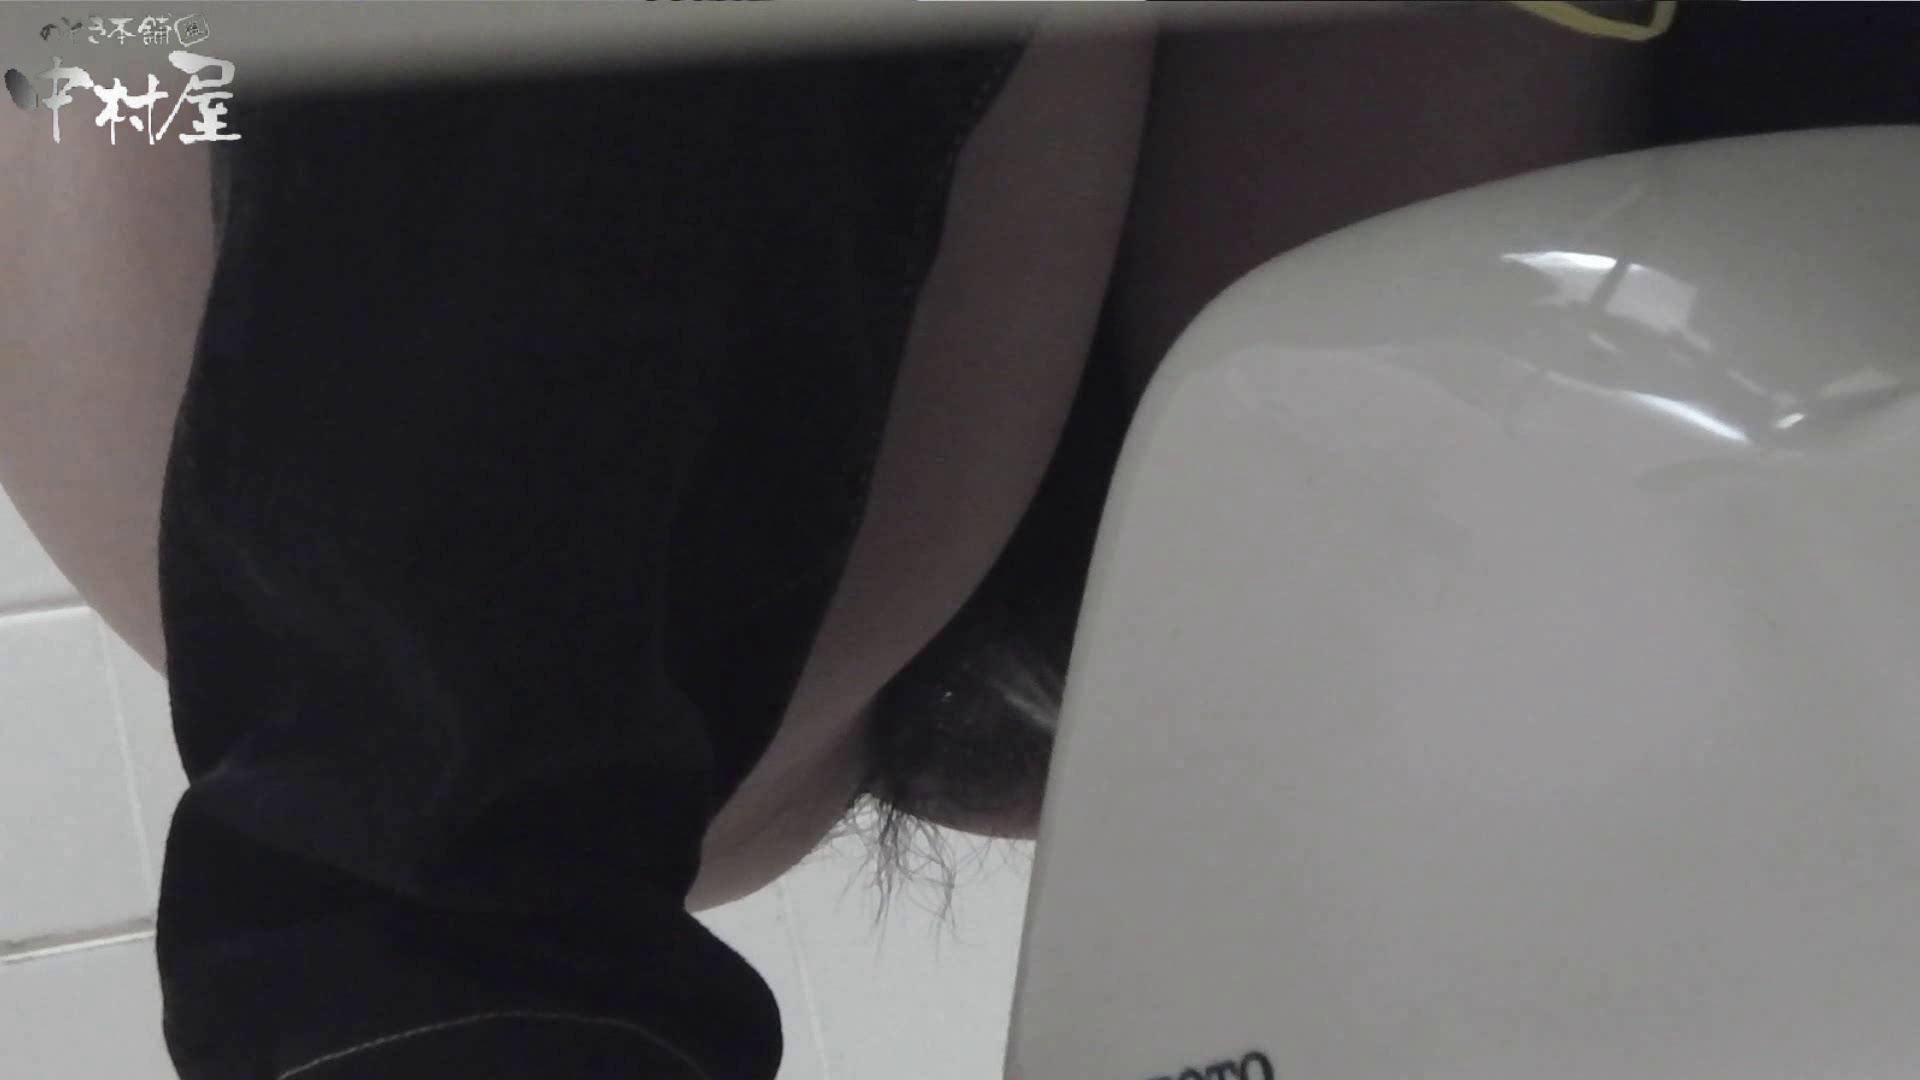 vol.24 命がけ潜伏洗面所! 剛毛さんいらっしゃい プライベート ワレメ無修正動画無料 107PIX 74